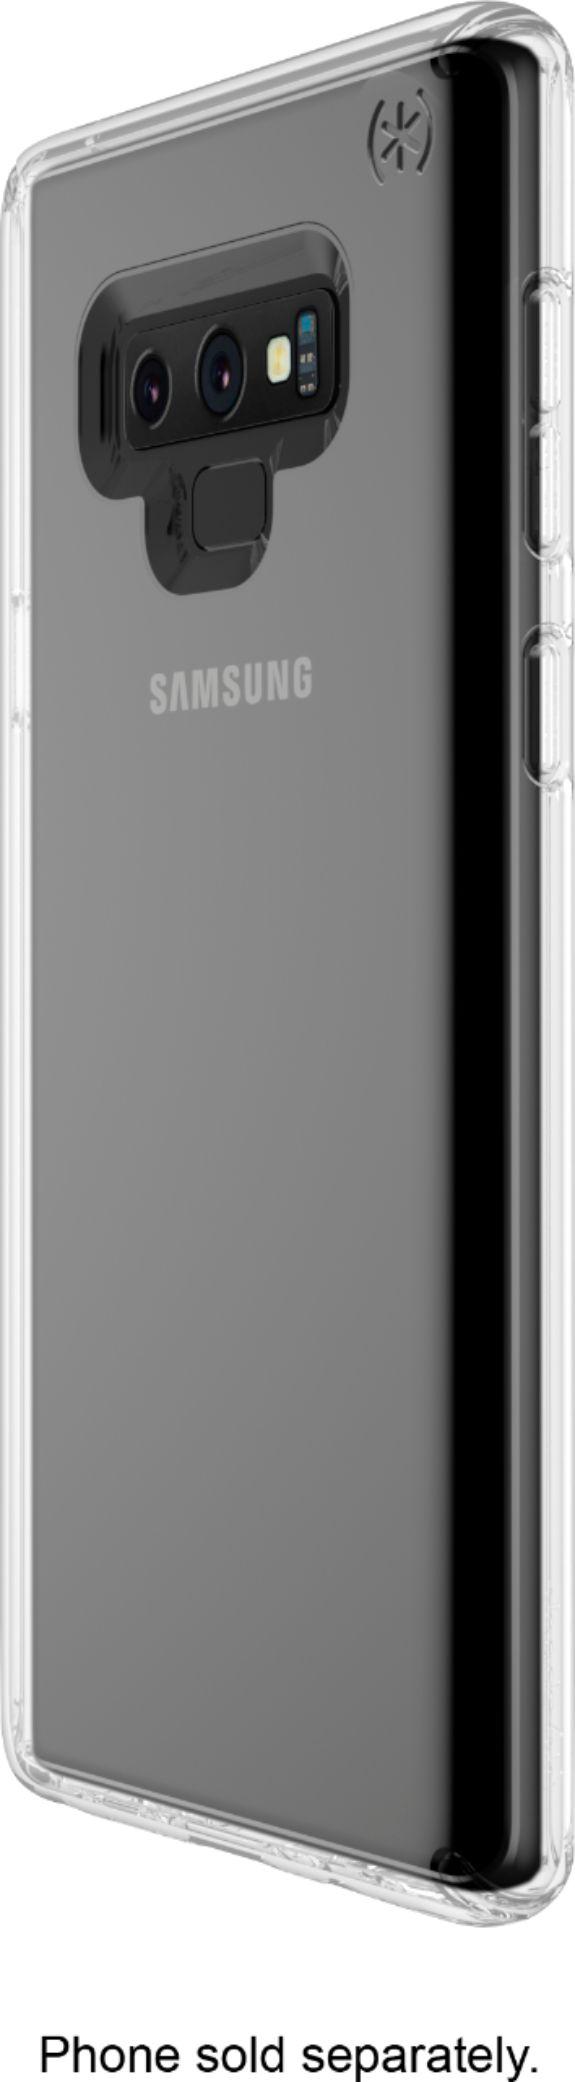 Speck 119402-5085 largeFrontImage